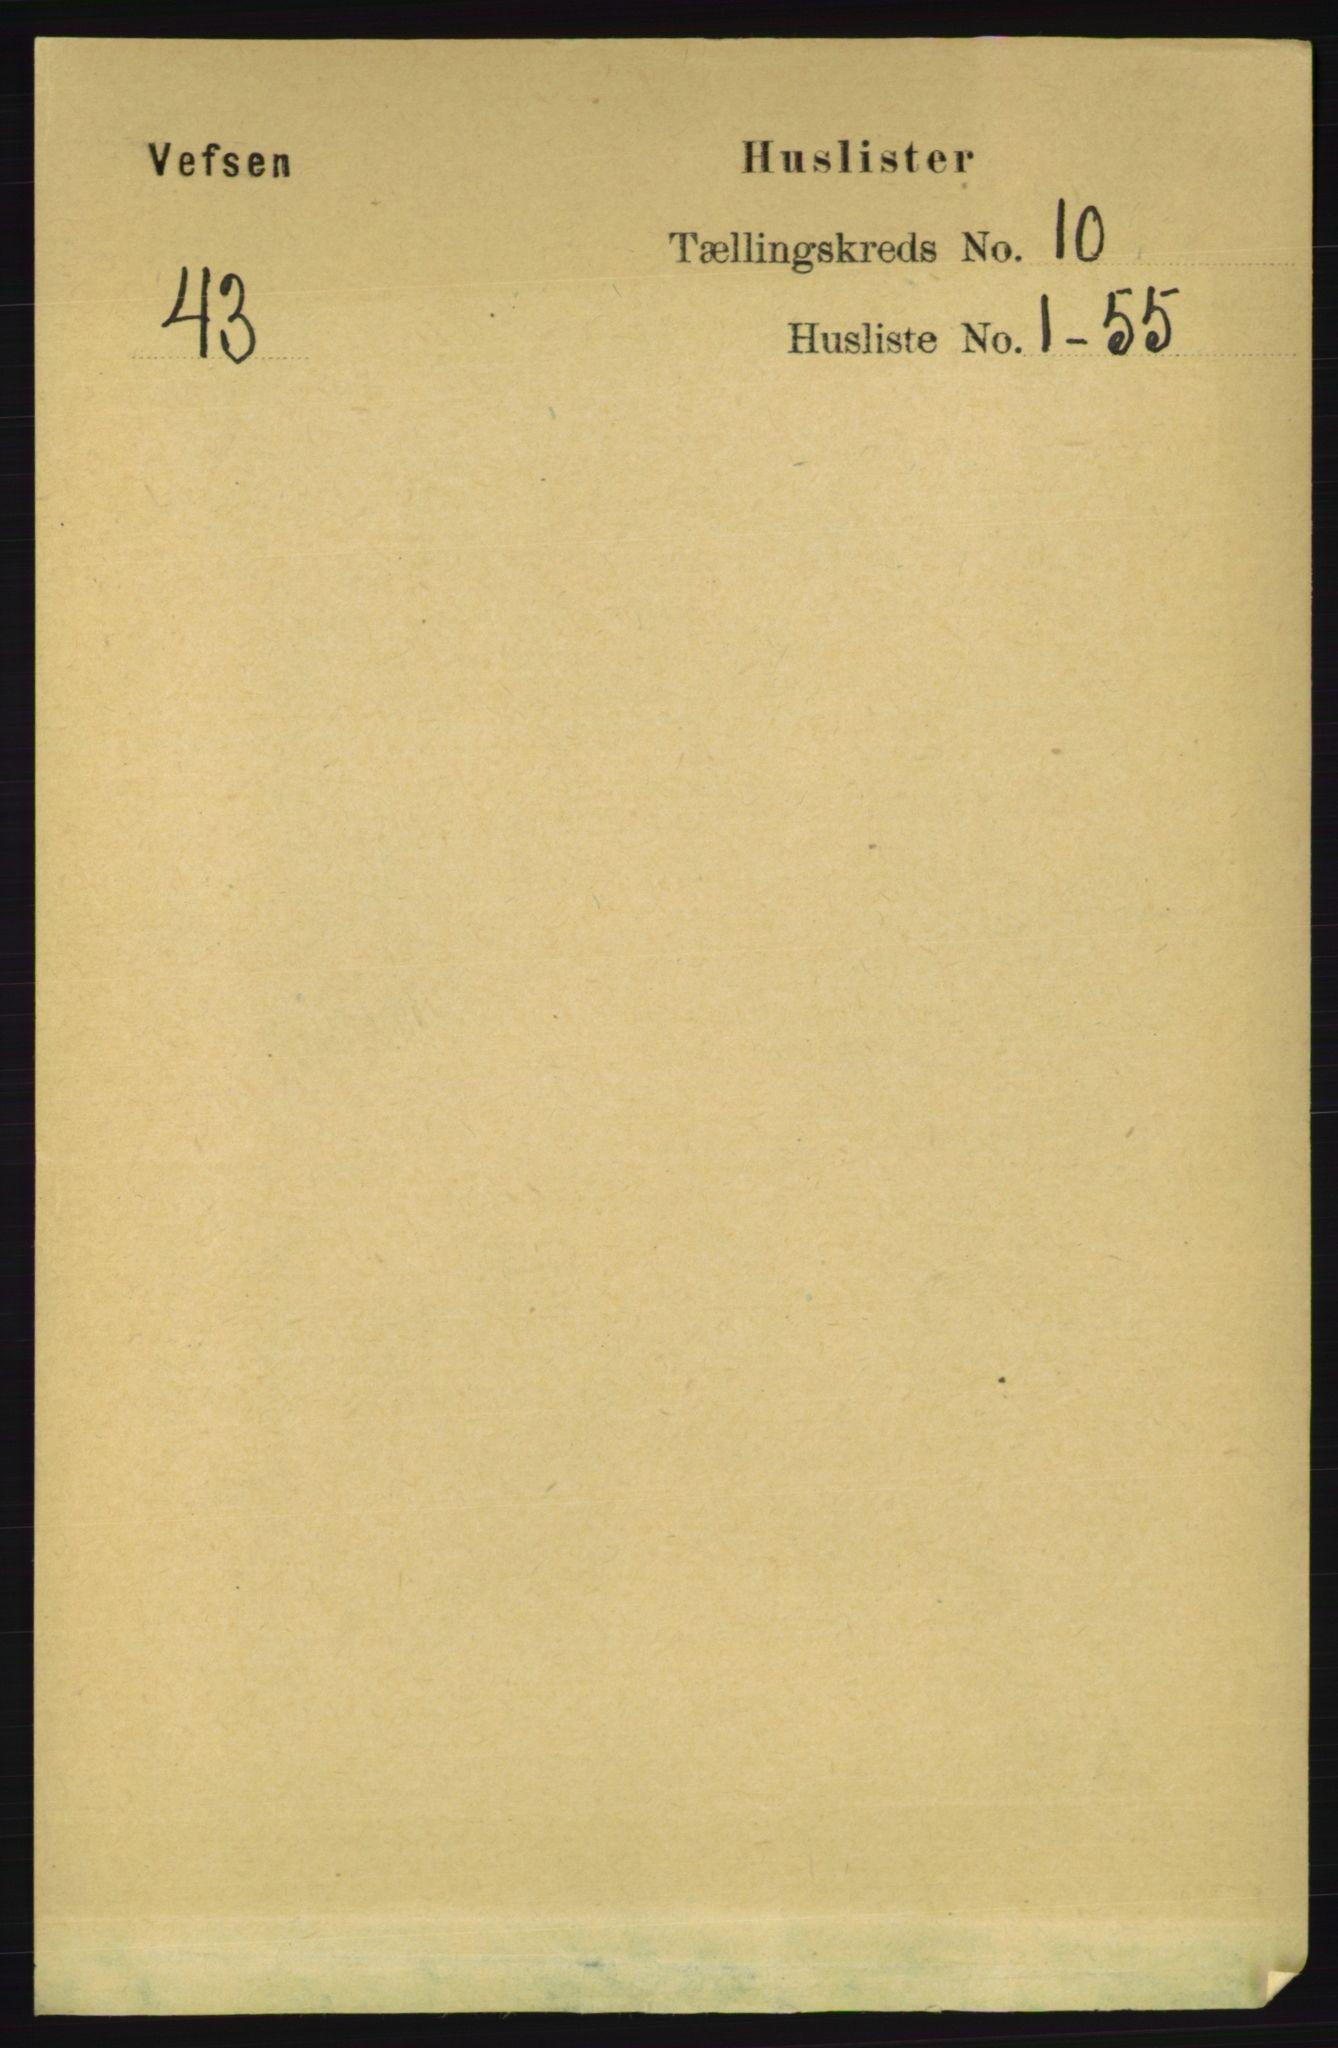 RA, Folketelling 1891 for 1824 Vefsn herred, 1891, s. 5135